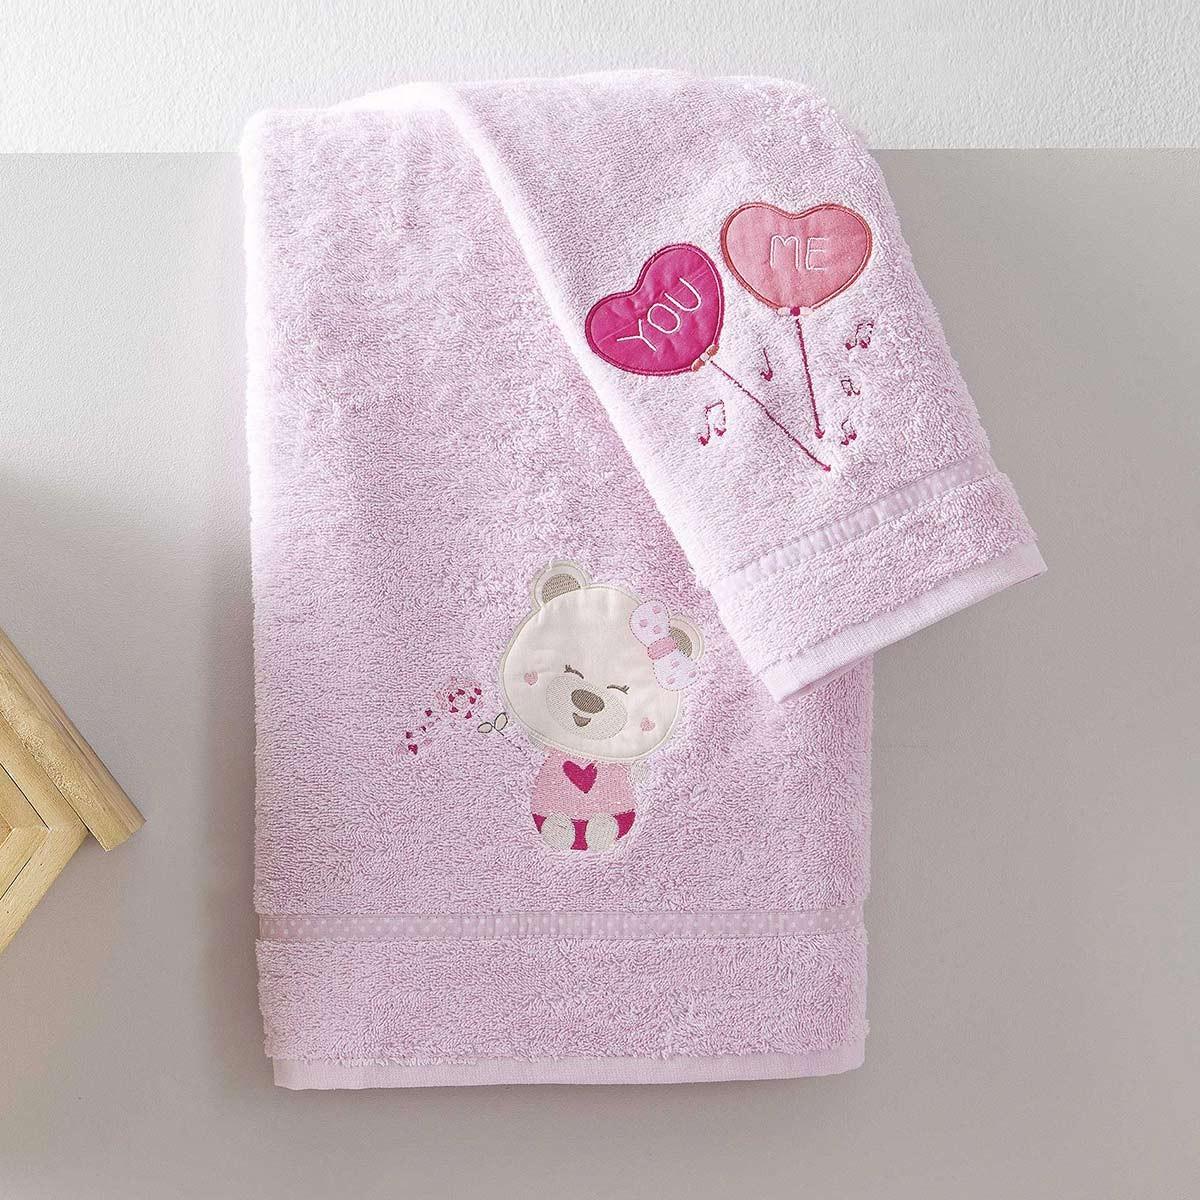 Βρεφικές Πετσέτες (Σετ 2τμχ) Nima NinnaNanna Pink